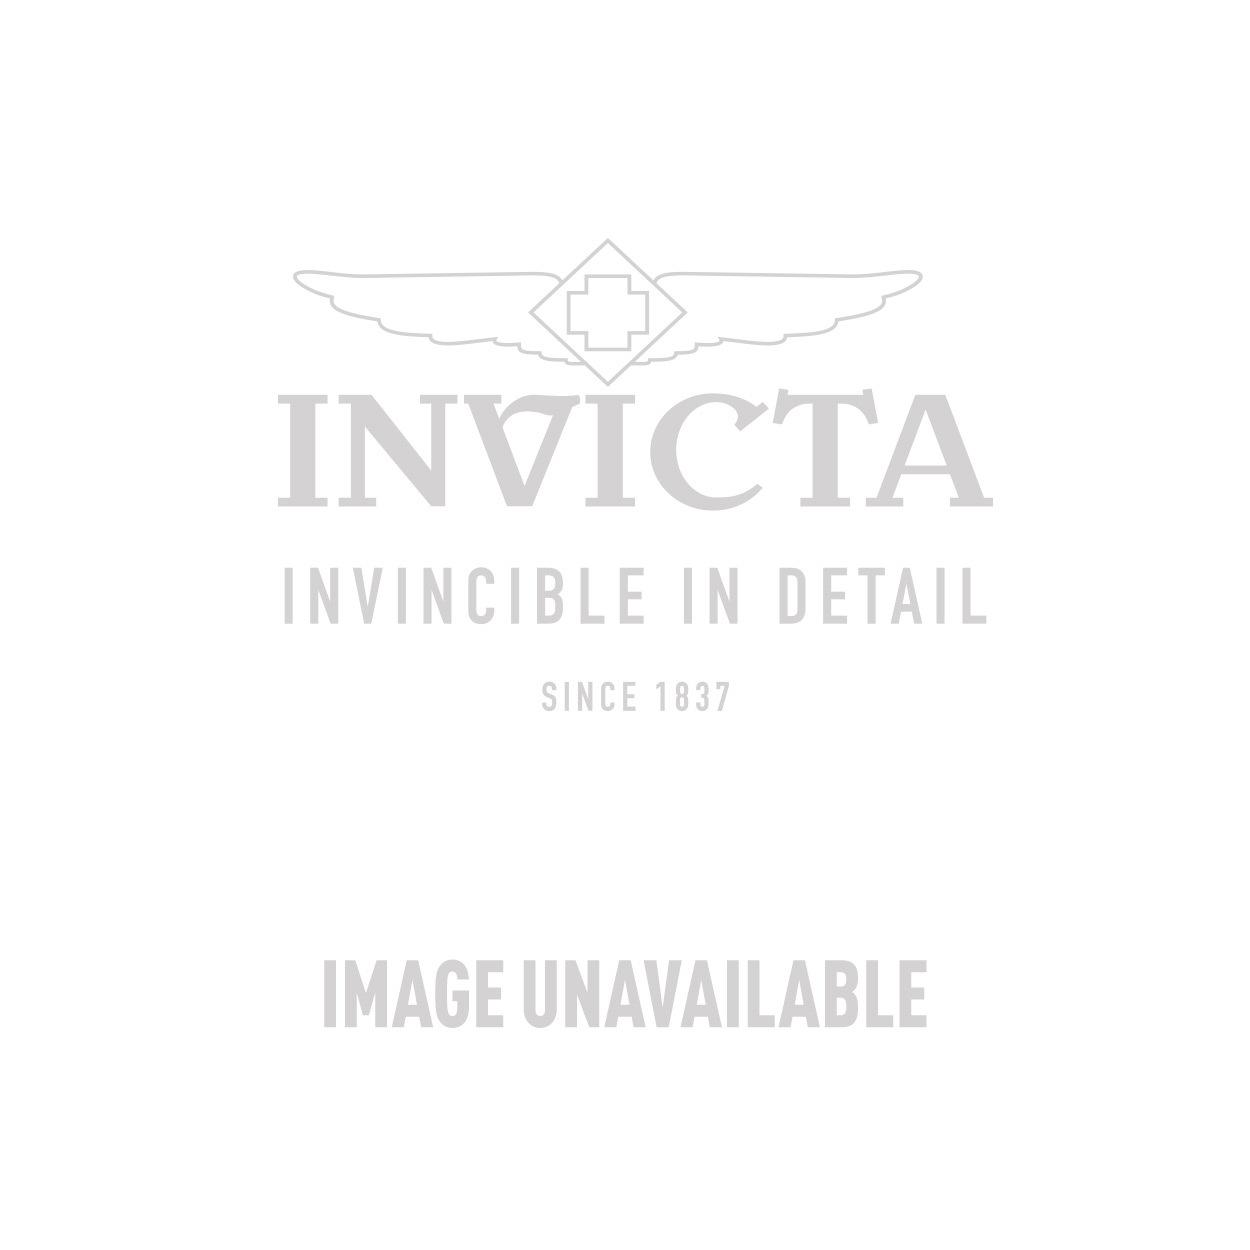 Invicta Model 24819